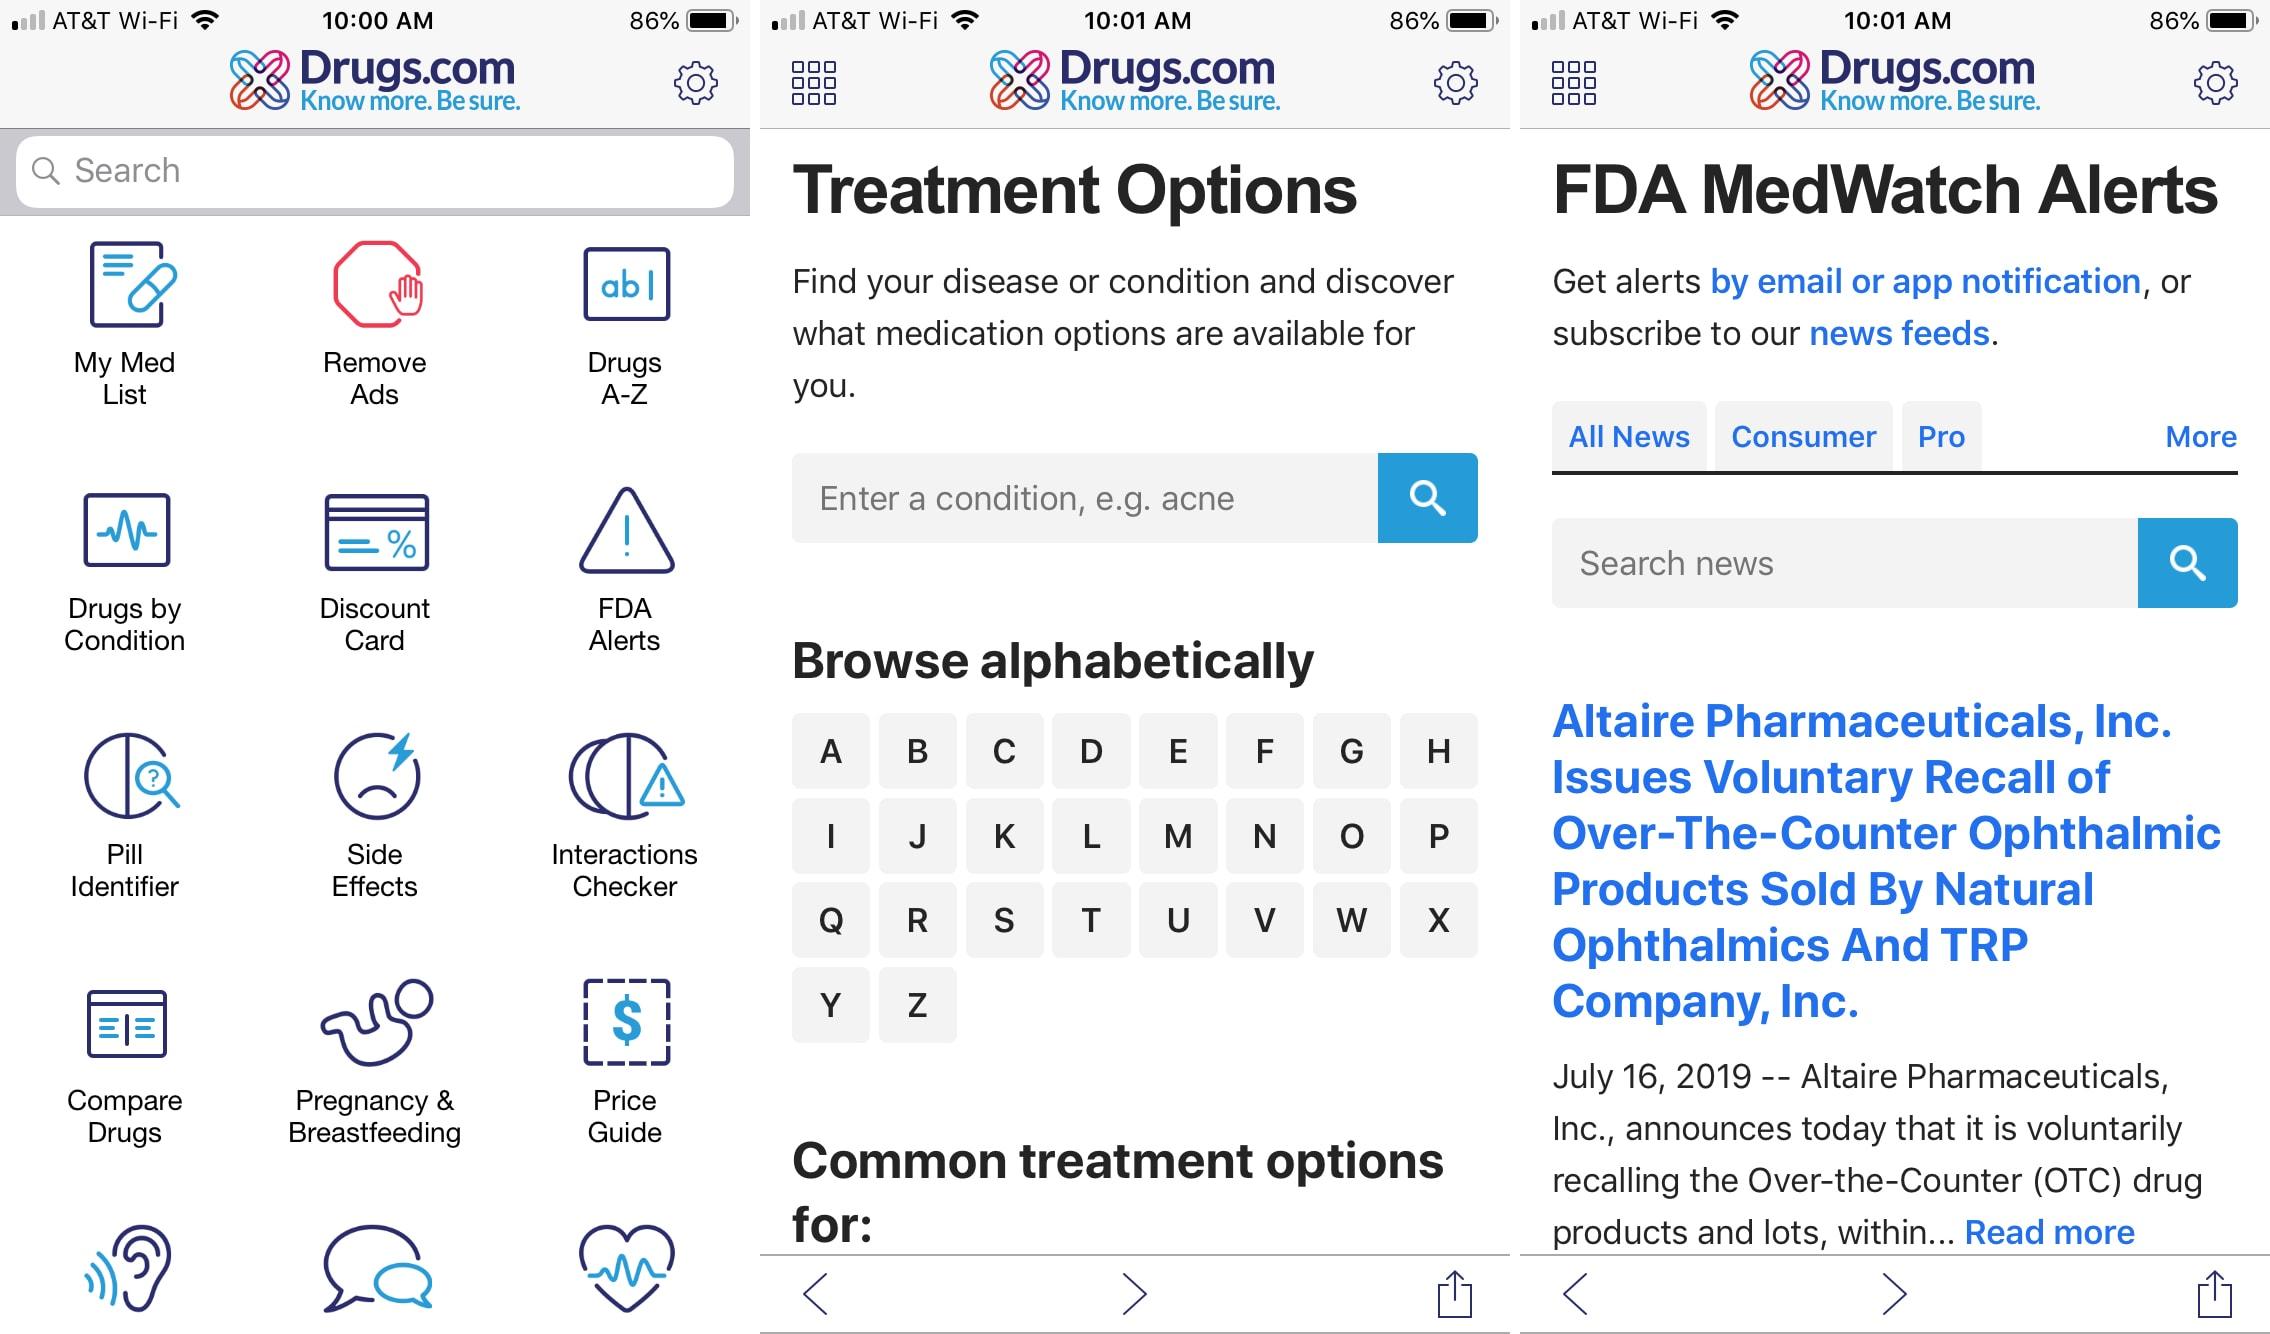 Aplicación DrogasDotCom para iPhone